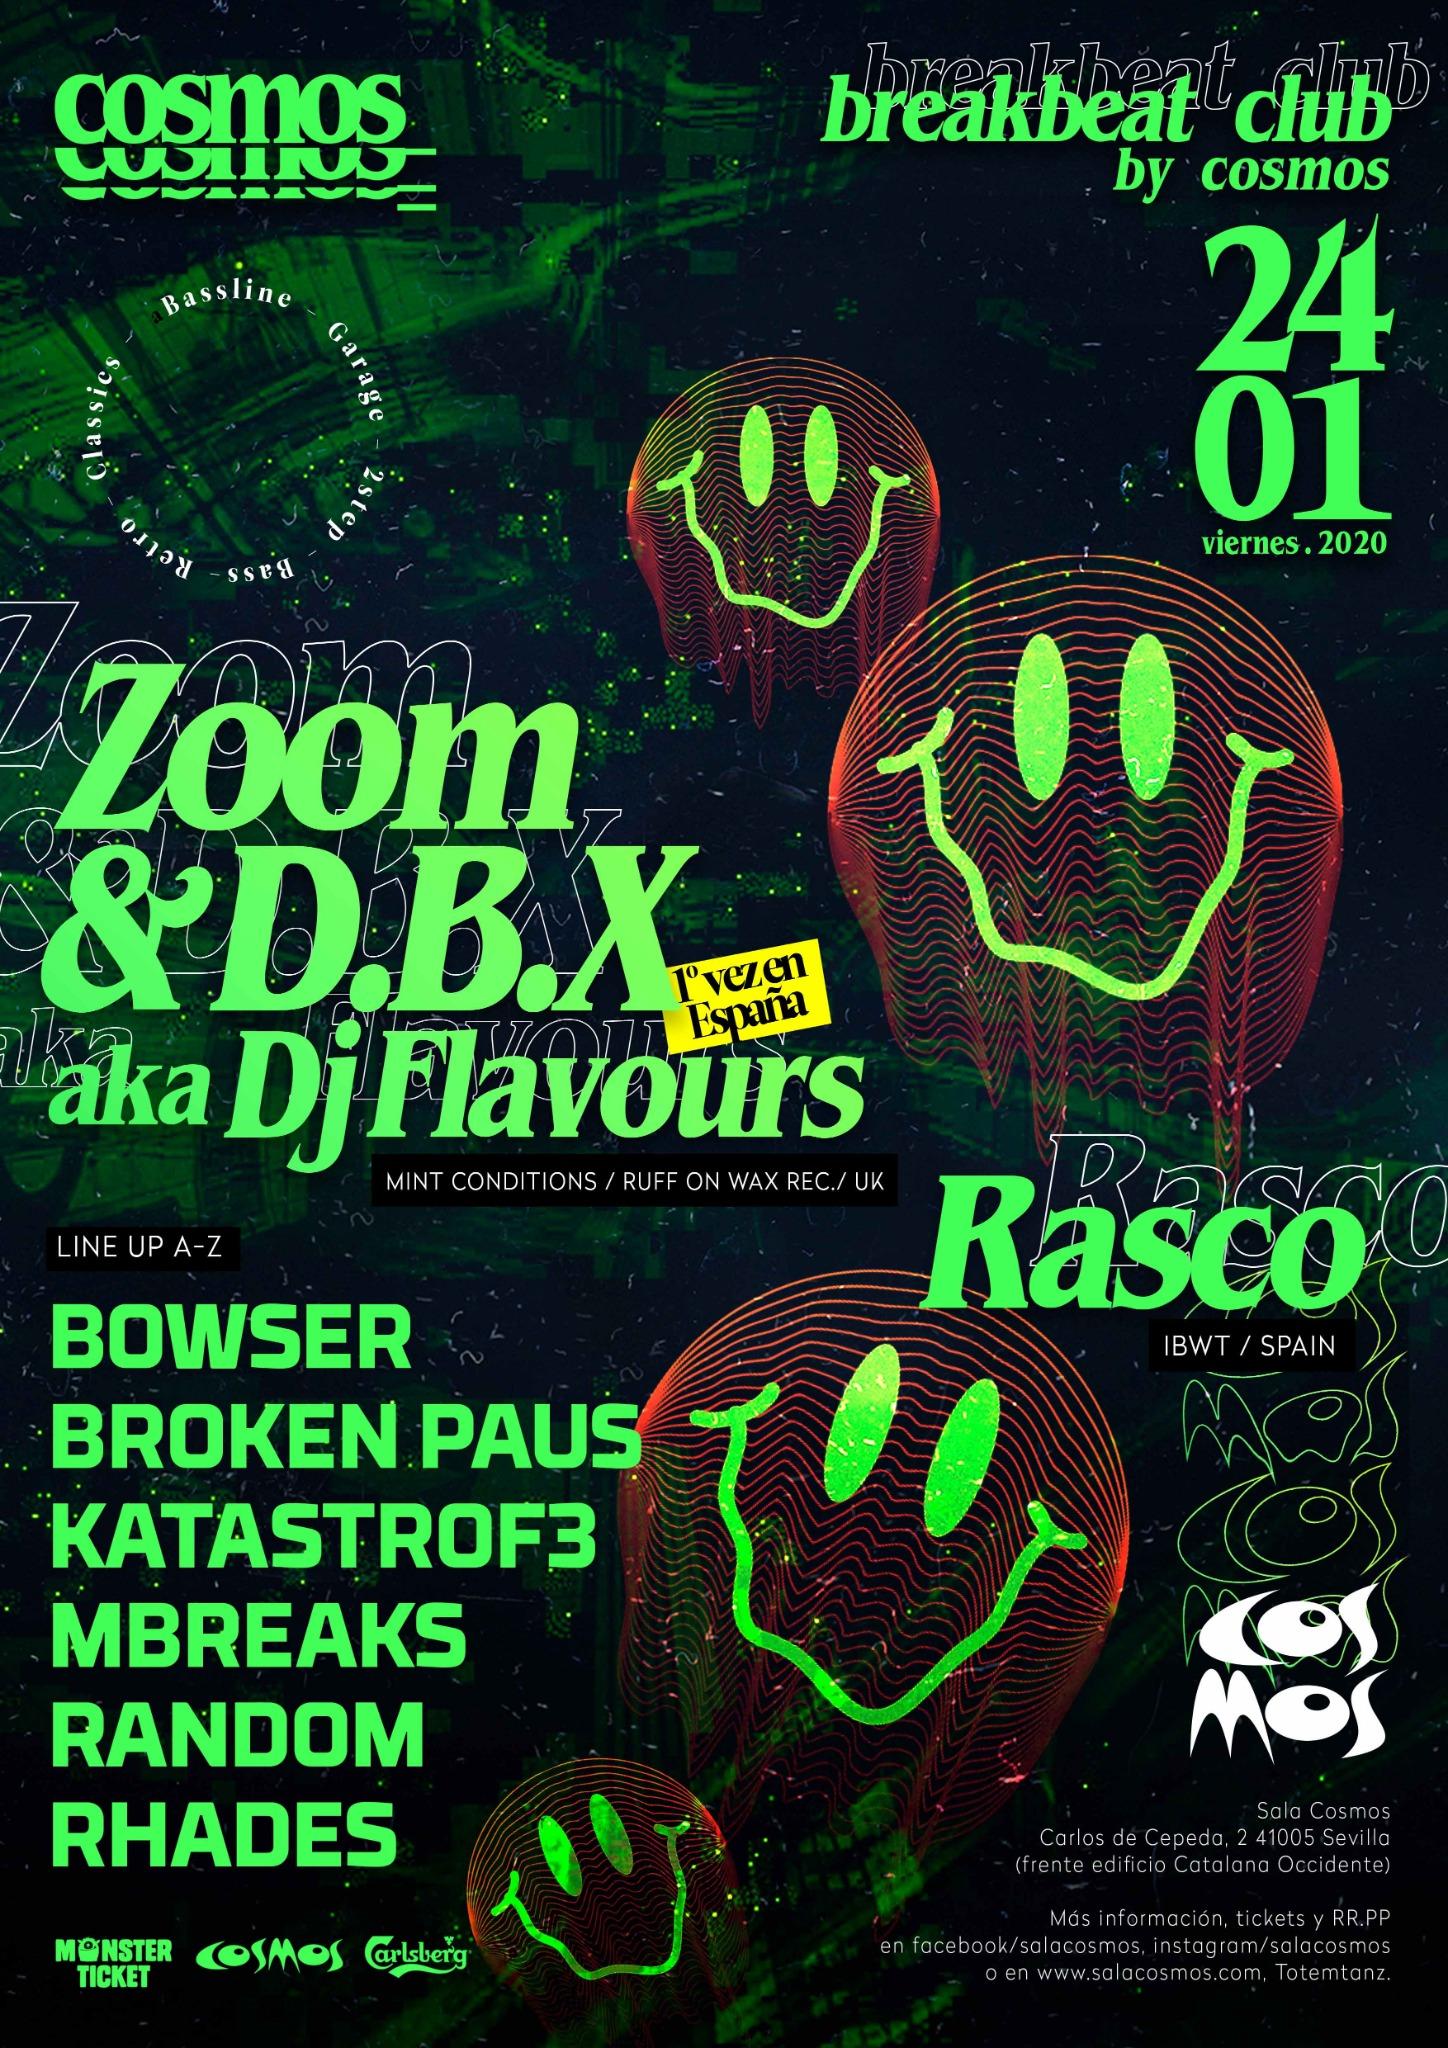 Zoom & DBX aka Dj Flavours // Breakbeat Club by Cosmos